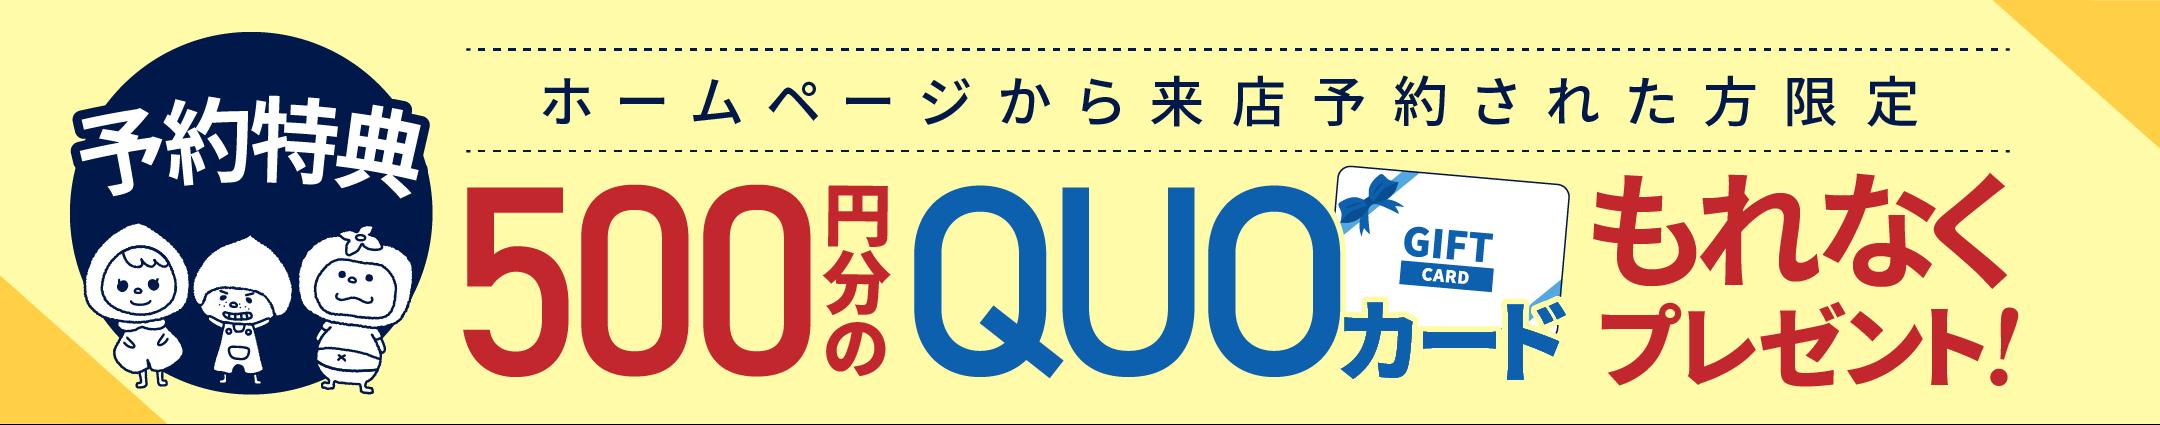 ご来店予約特典!500円分のQUOカードプレゼント!